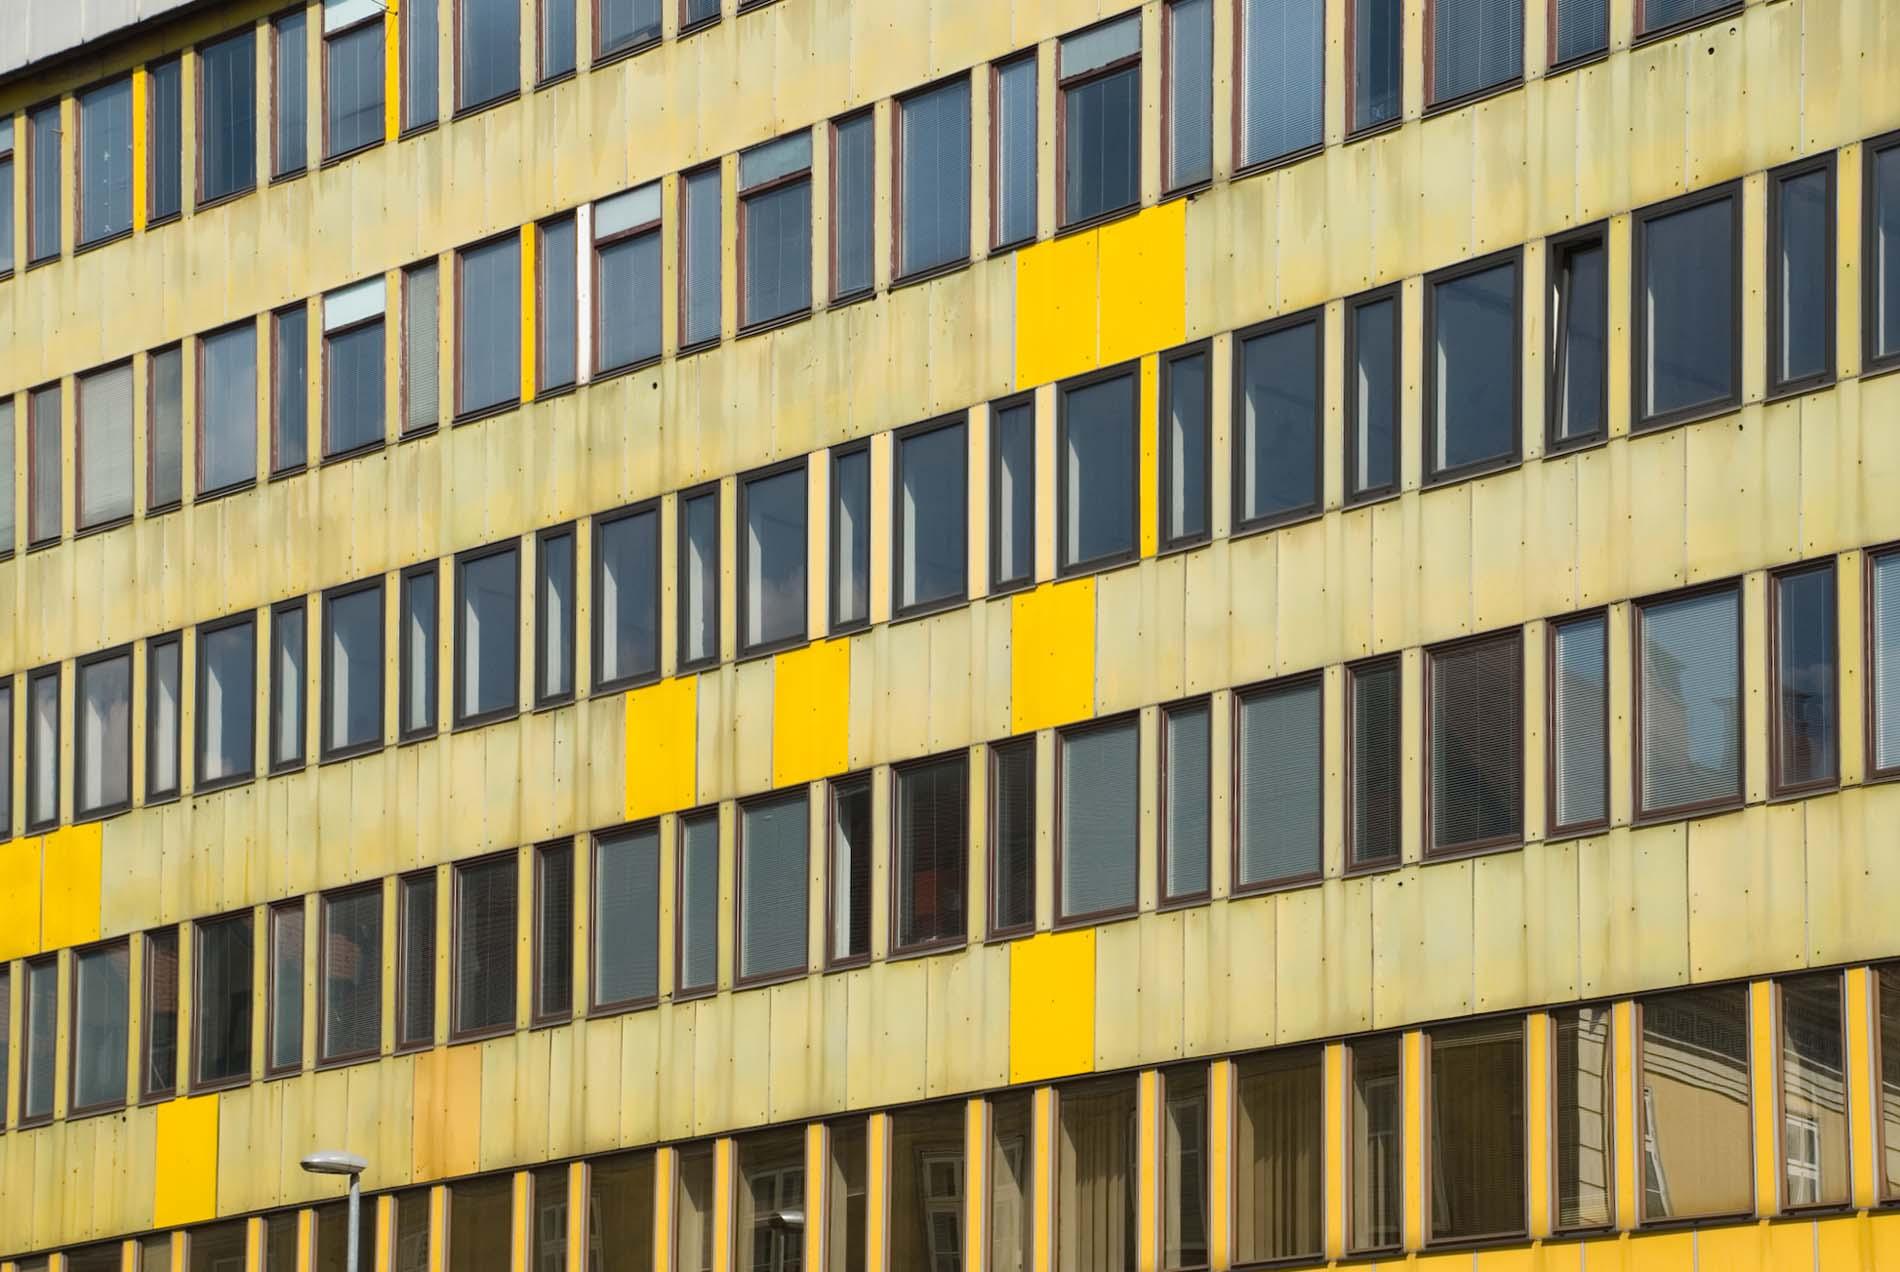 Gelb. Das Ljudska pravica Office Building von Edvard Ravnikar wurde 1961 fertiggestellt und wird als Kanarienvogelhaus bezeichnet. Der aus Novo Mesto stammende Architekt hat das skandinavische Design in die slowenische Architektur eingeführt, insbesondere die Sprache von Alvar Aalto.